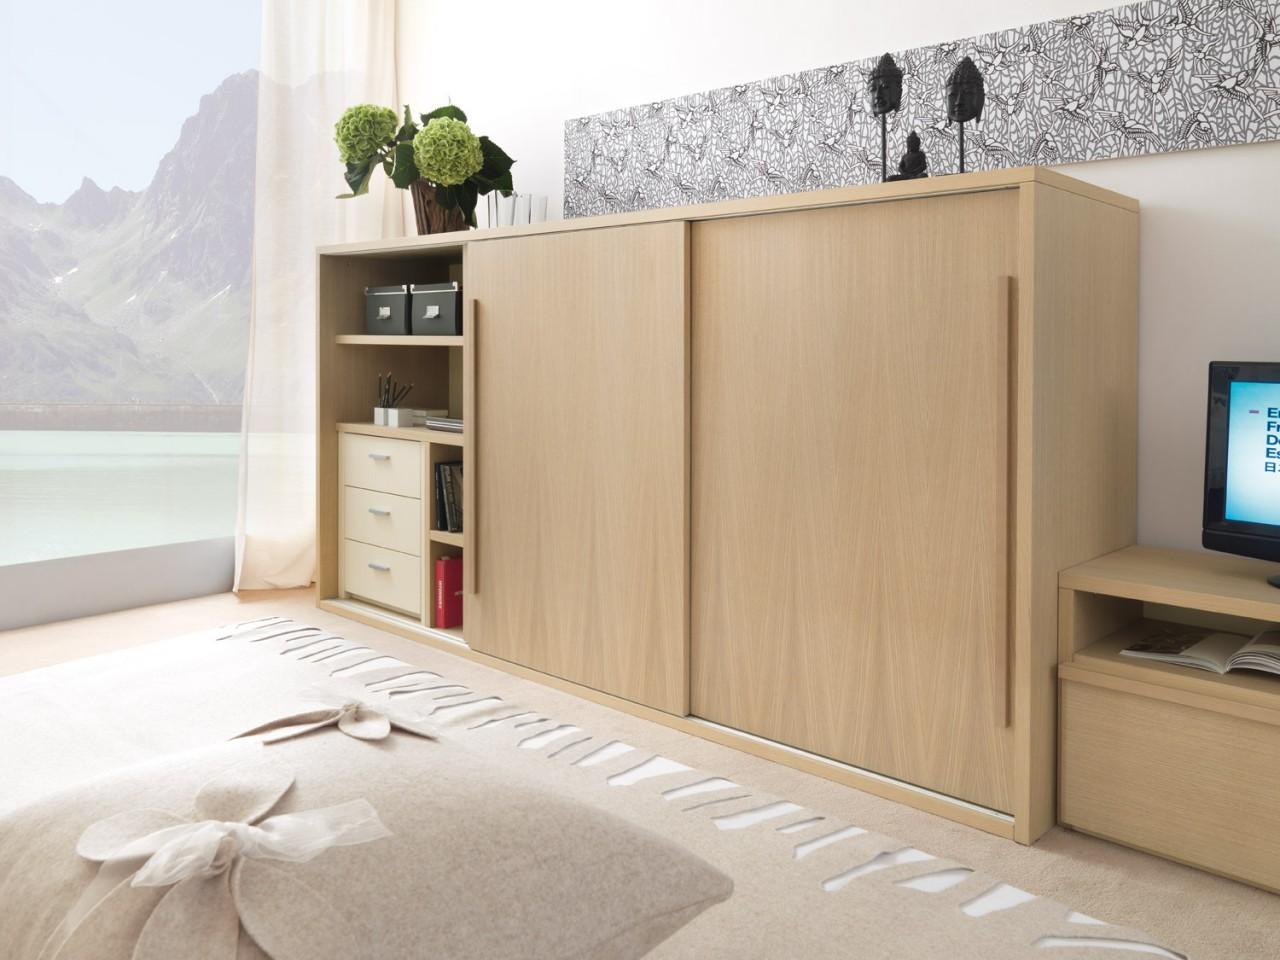 Porta Cabina Armadio Misure : Ikea cabina armadio prezzi porte scorrevoli in legno e vetro per